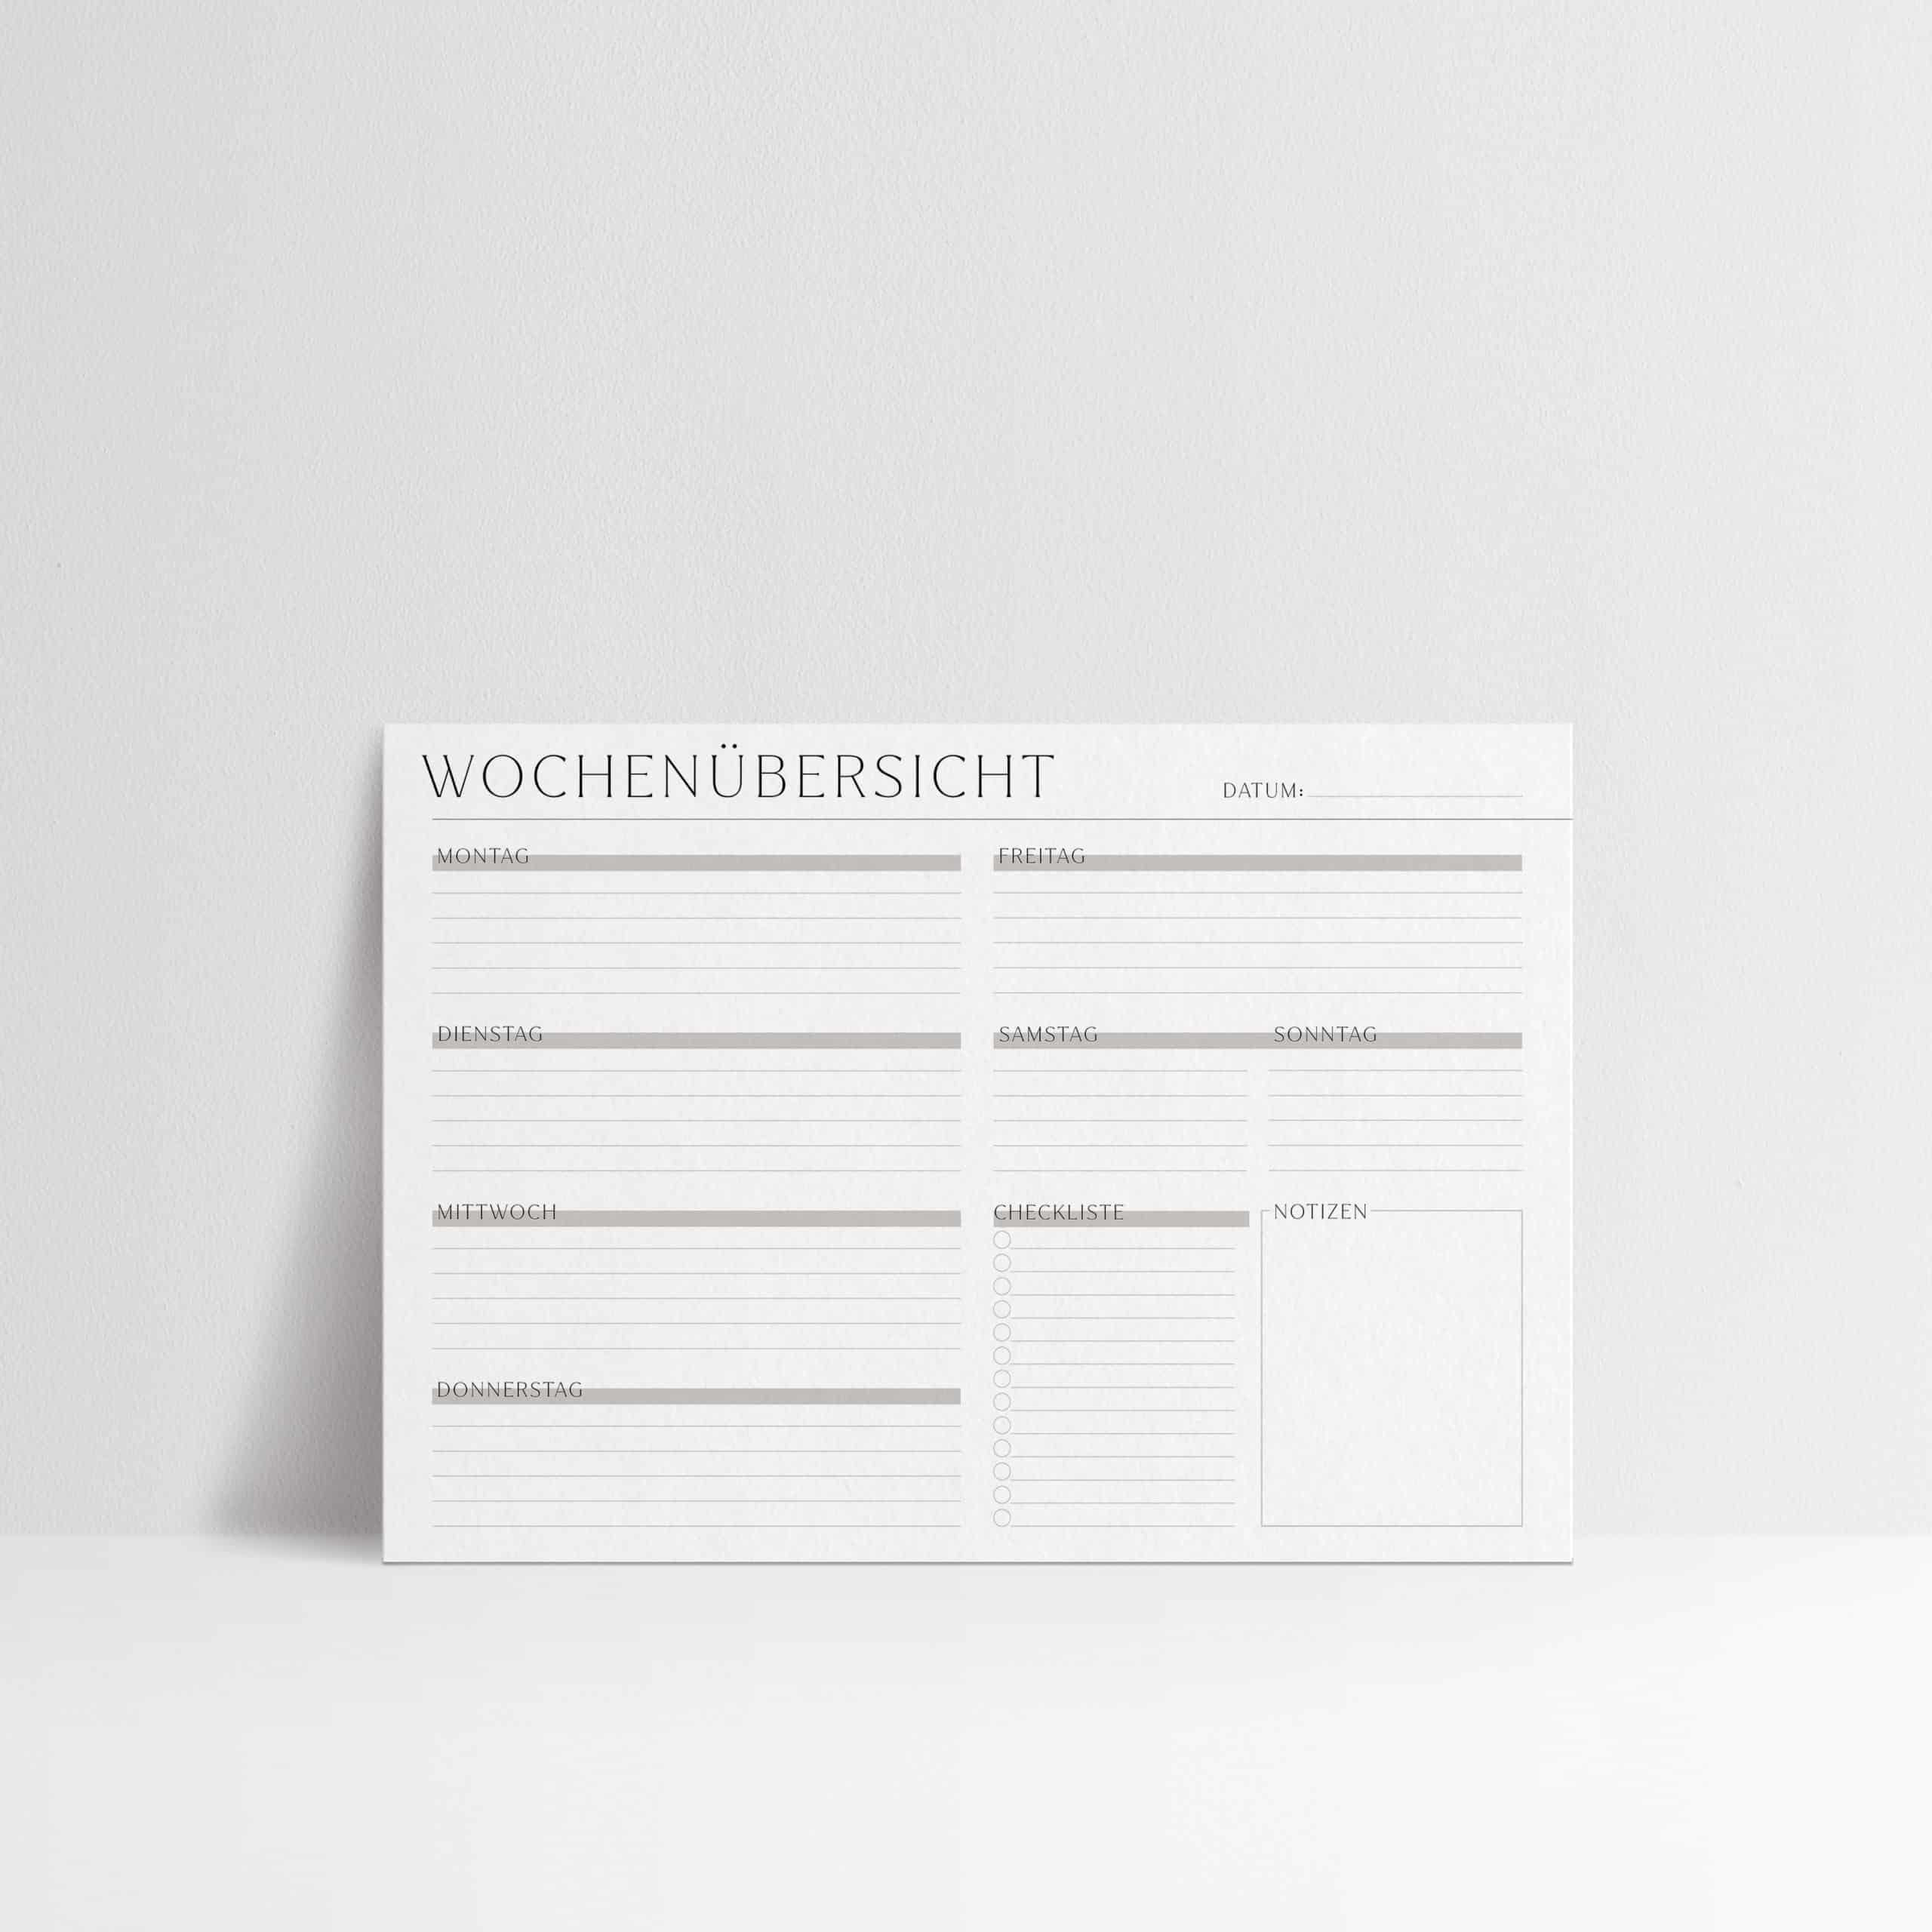 Wochenplaner_zum_Ausdrucken_Terminplaner_pdf_universal_checkliste